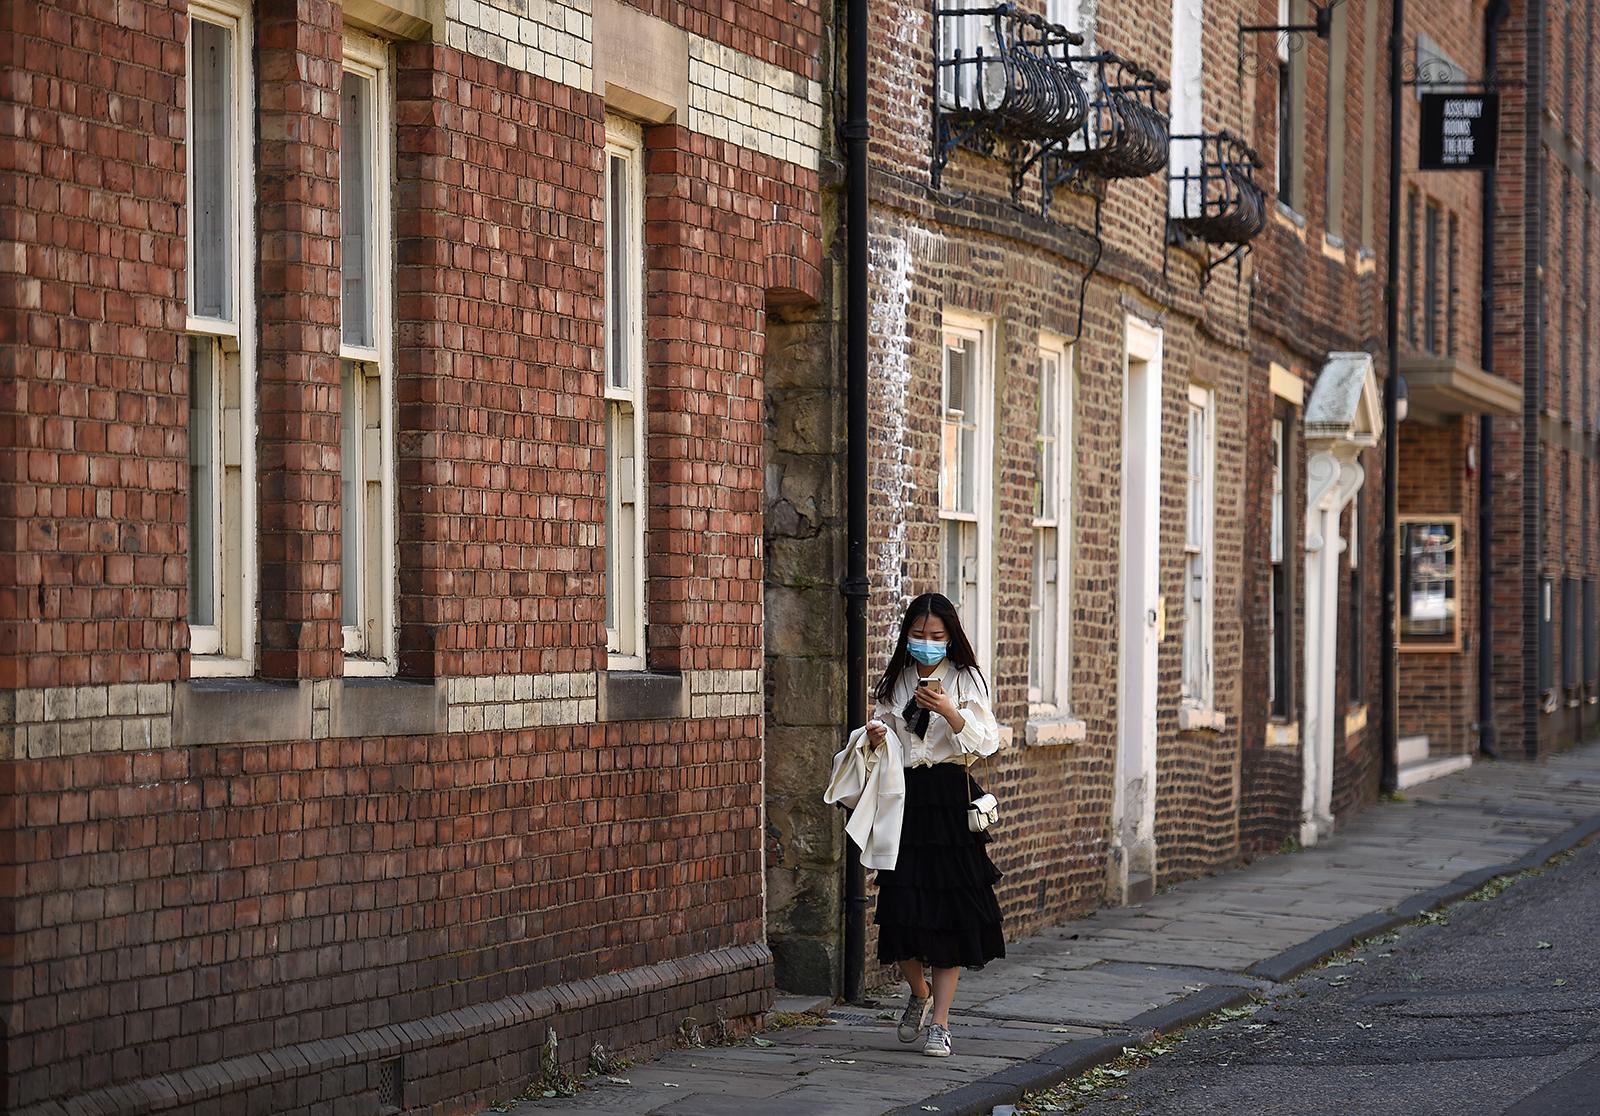 Una donna con una maschera per il viso cammina per una strada a Durham, nell'Inghilterra nord-orientale, il 25 maggio.